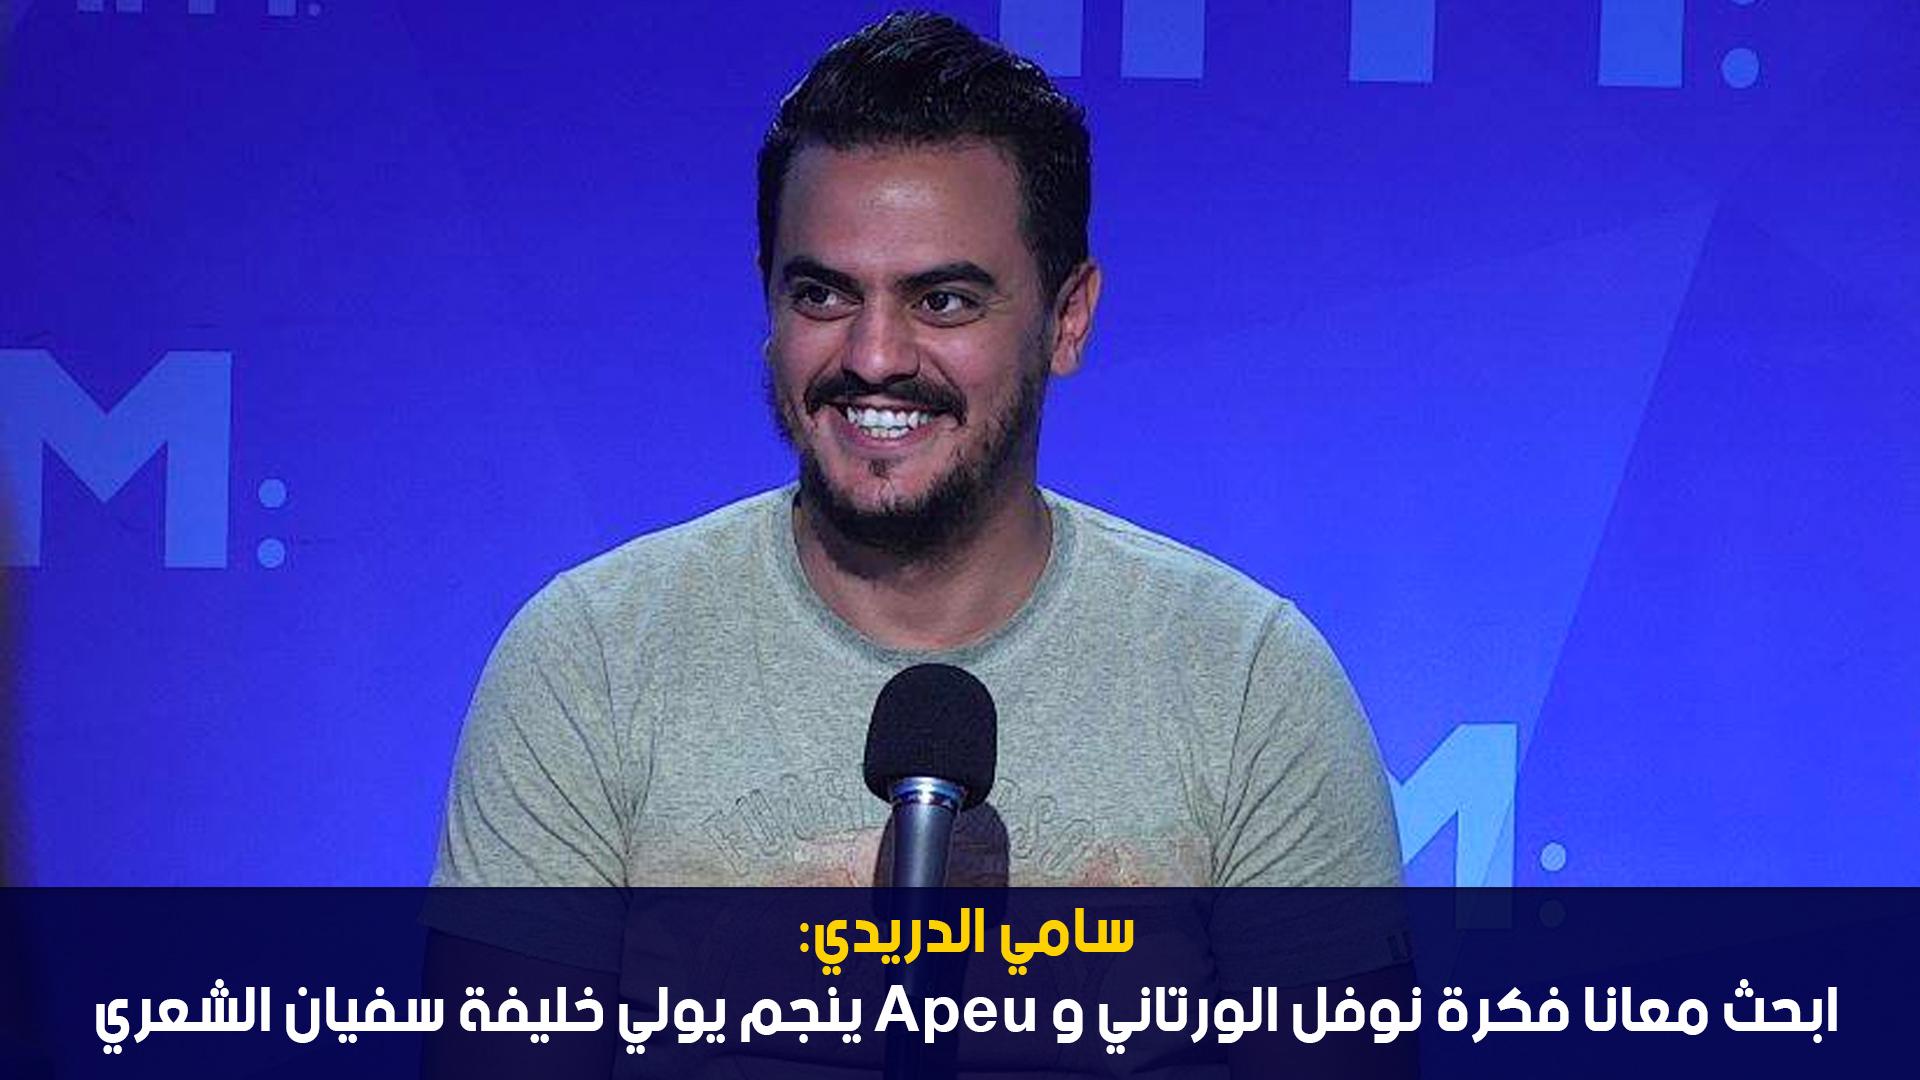 سامي الدريدي: ابحث معانا فكرة نوفل الورتاني وApeu ينجم يولي خليفة سفيان الشعري